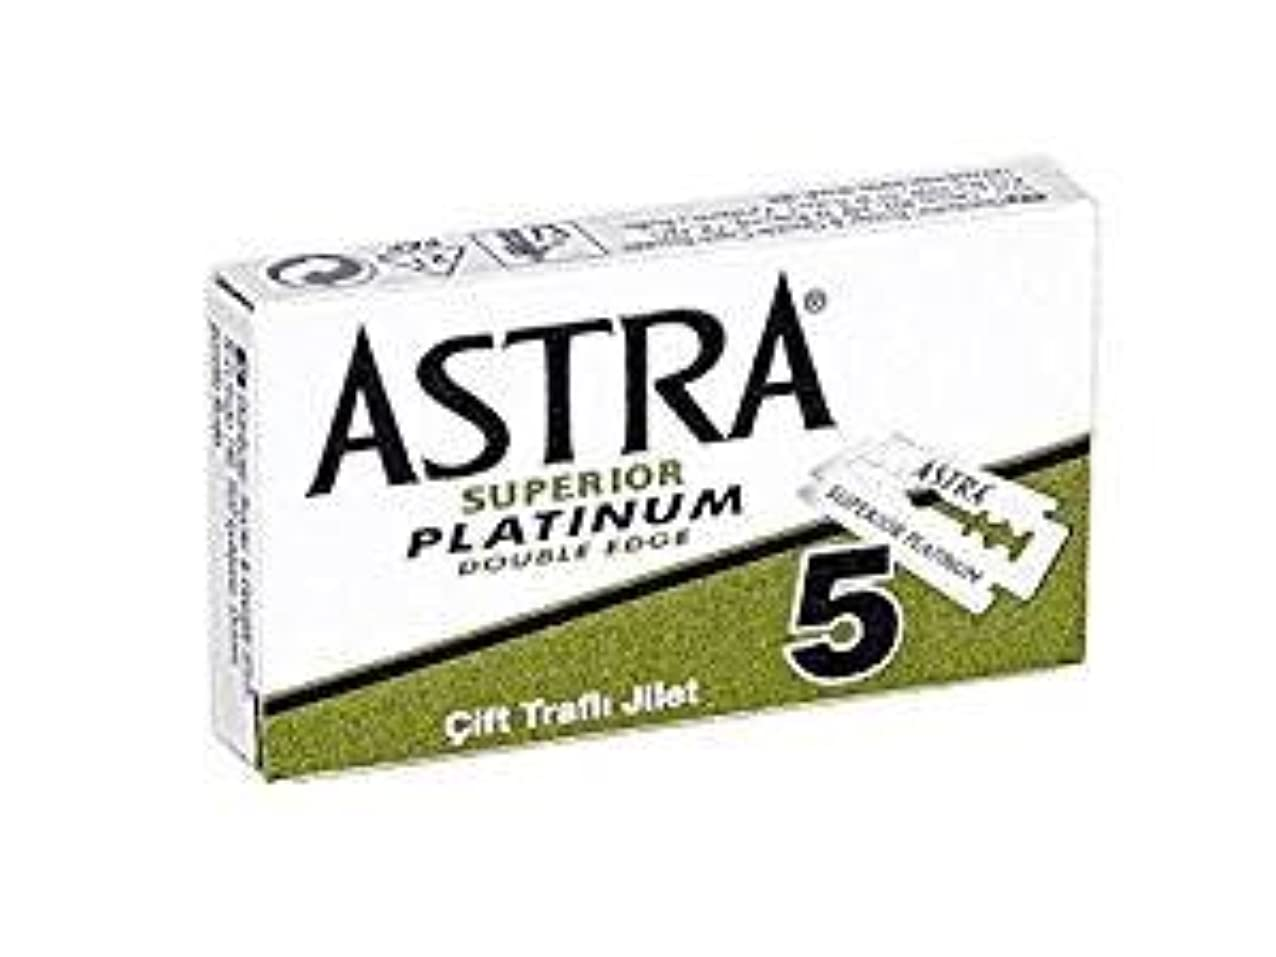 シーングレートランペットAstra Superior Platinum (アストラ 優れたプラチナ) 両刃替刃 25個入り (5 x 5) [並行輸入品]